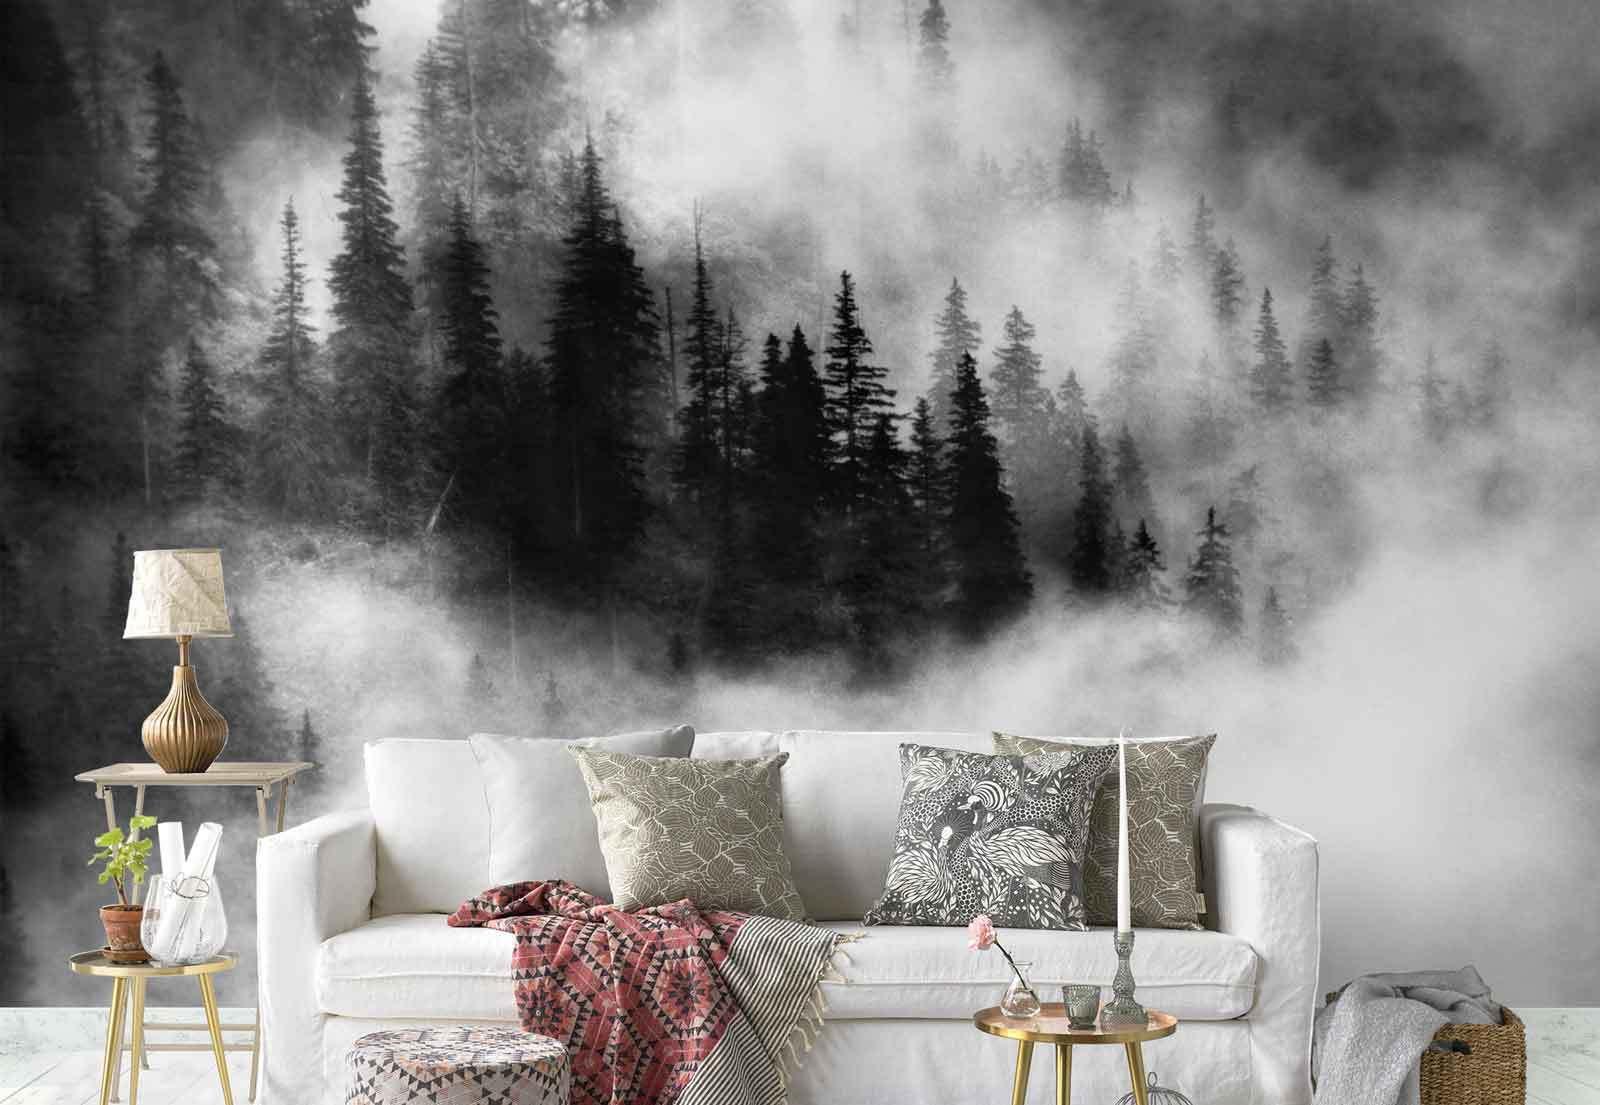 Kiefern Wald Nebel Vlies Fototapete (1X-6611) Tapete